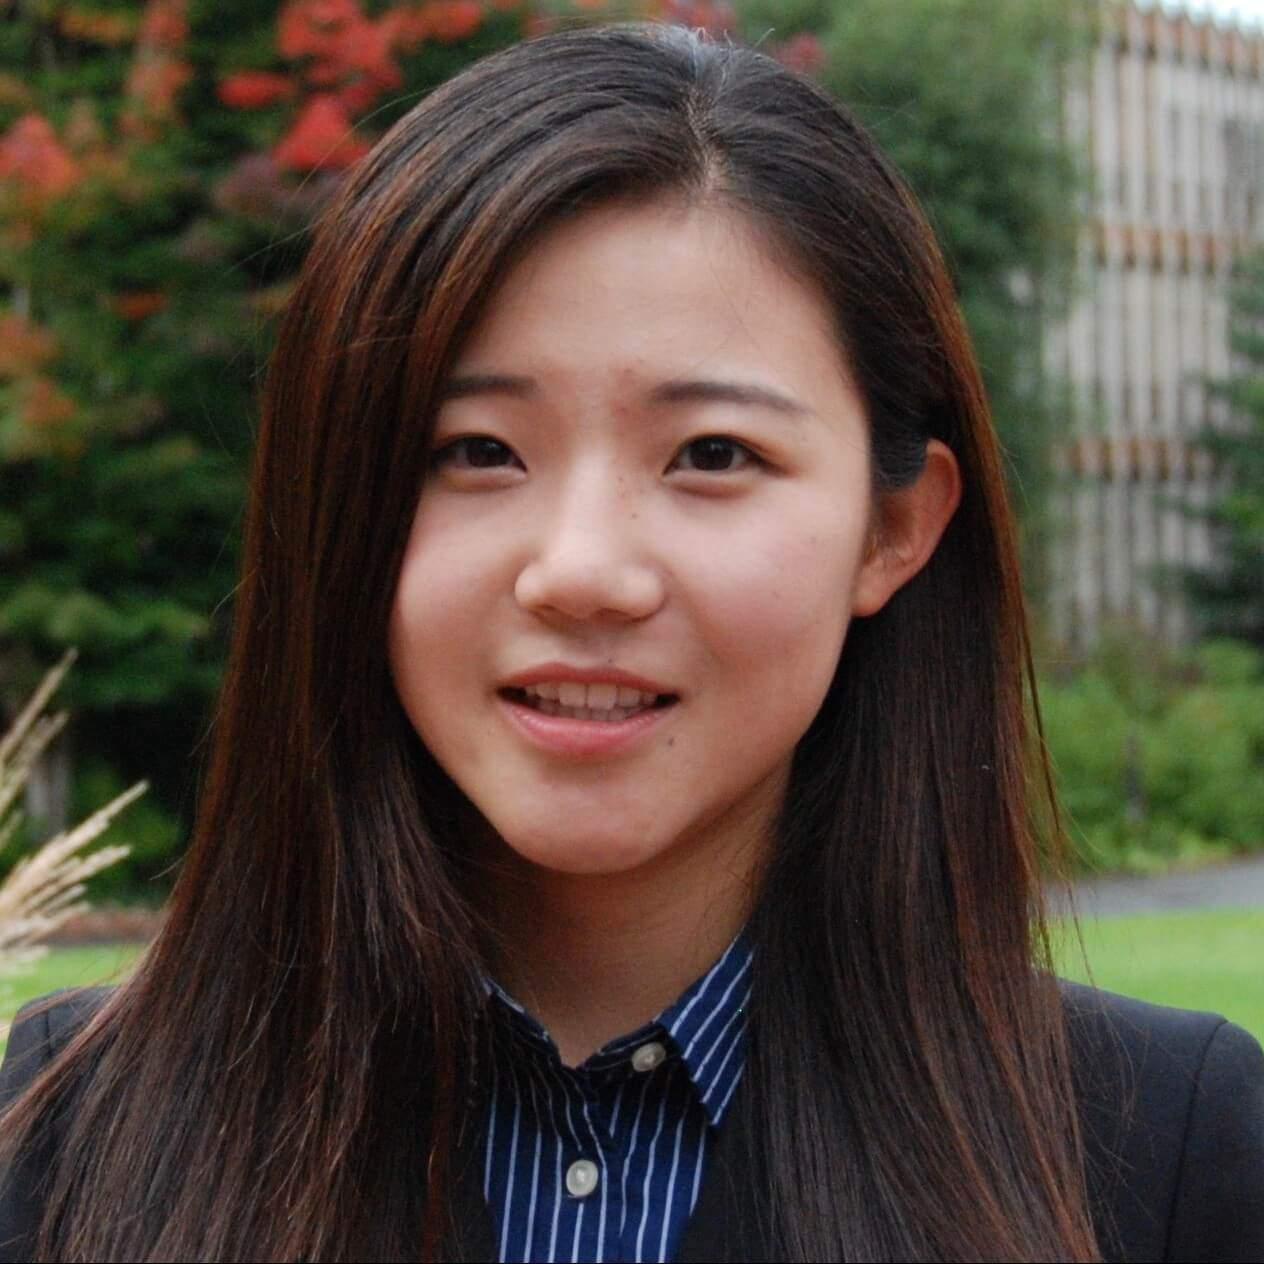 Jingwei Zhang : Graduate Student